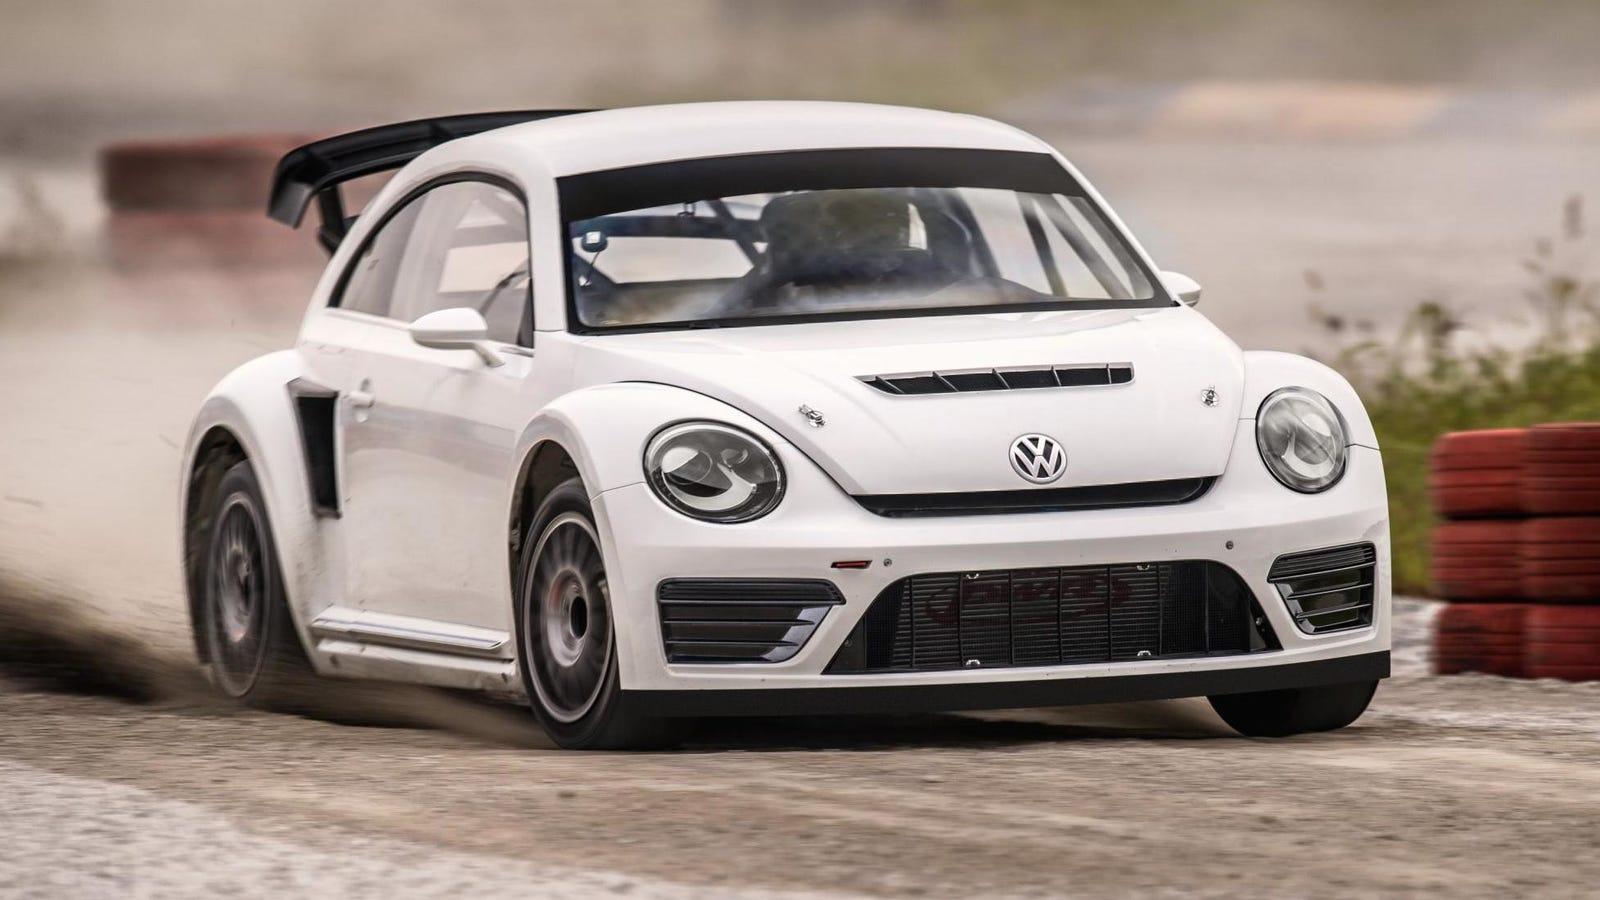 Volkswagen's New Rallycross Beetle Is Badass